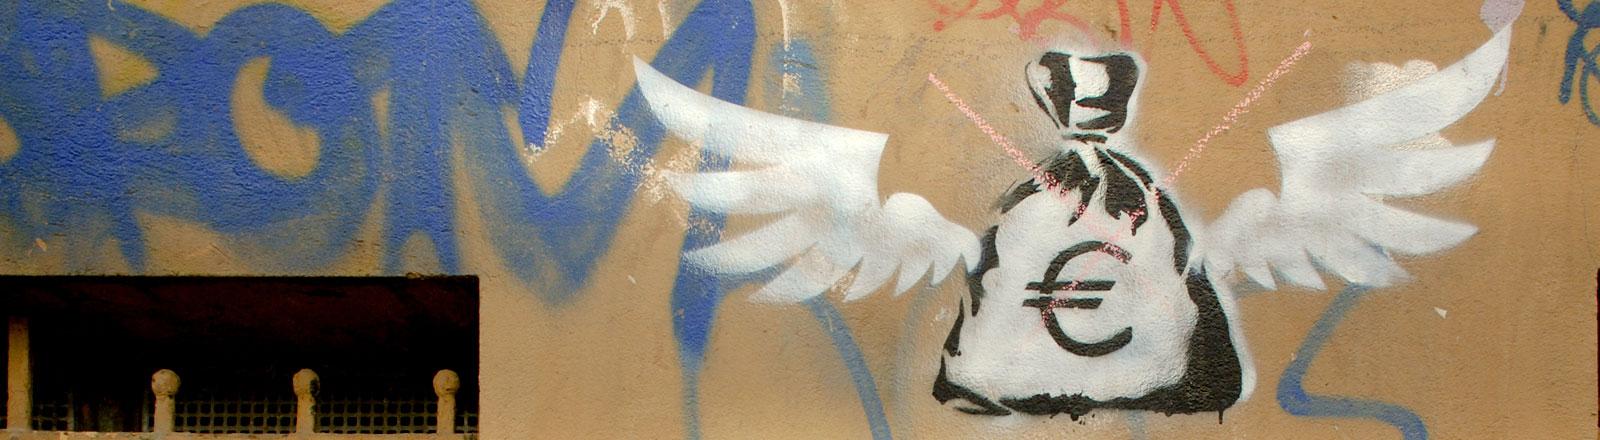 Street-Art: Eine Hauswand auf der ein Geldsack aufgesprüht ist mit einem Eurozeichen.